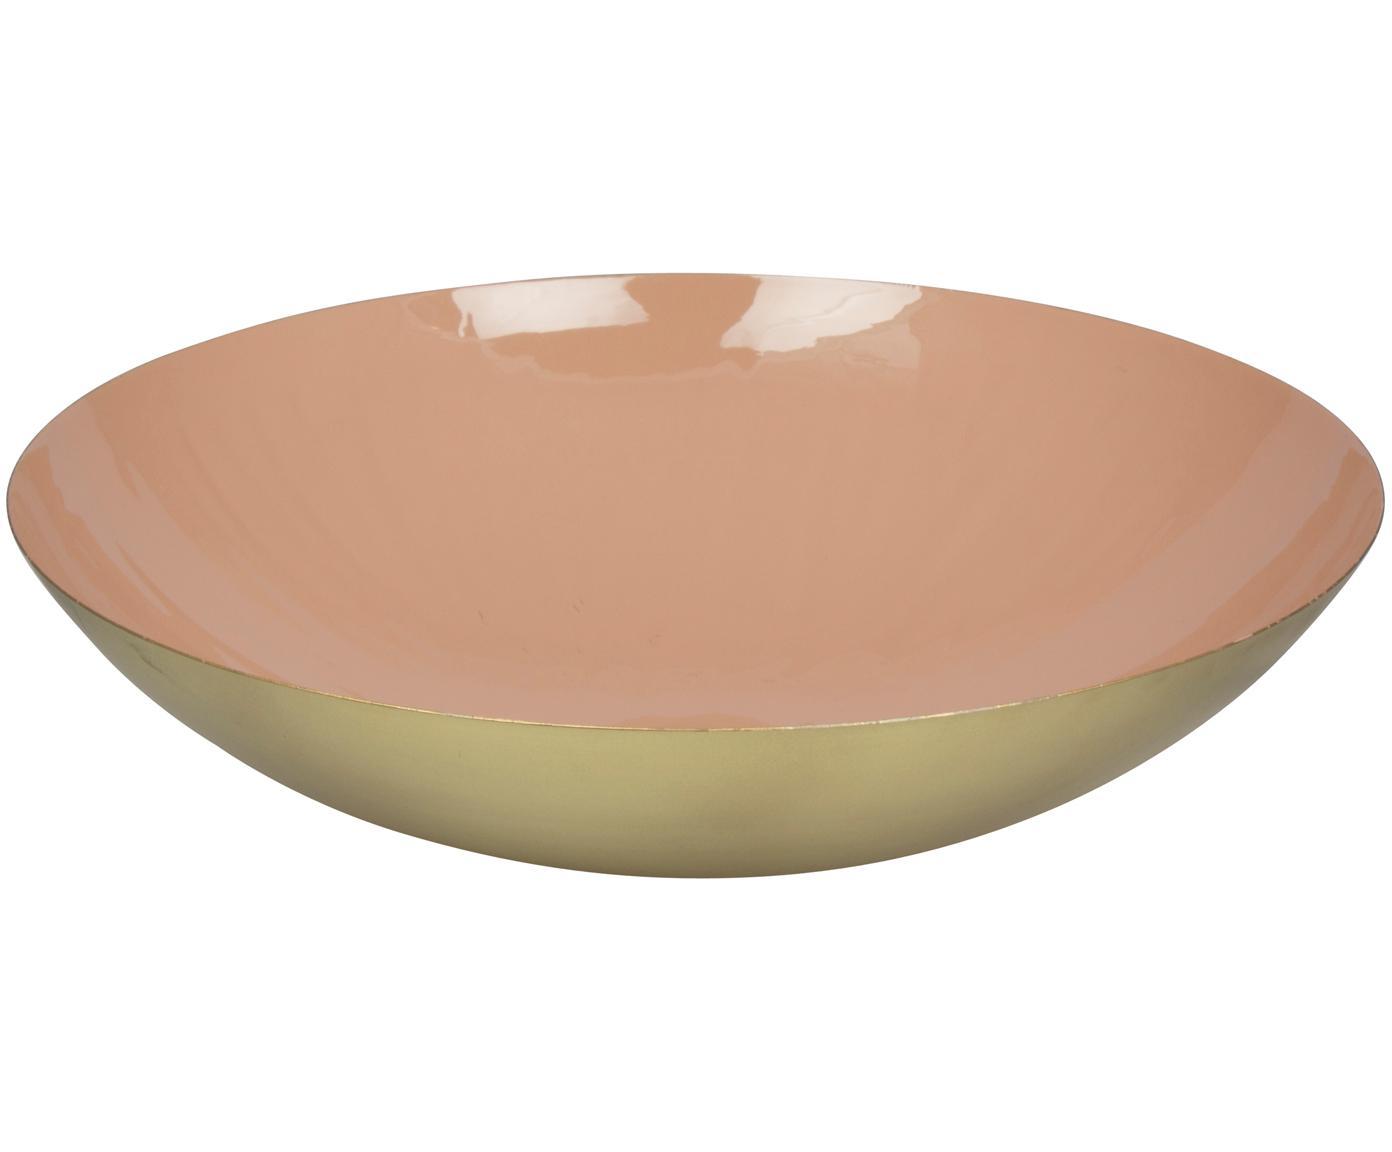 Schaal Julienne, Gecoat metaal, Binnenzijde: roze. Buitenzijde: goudkleurig, Ø 34 x H 9 cm